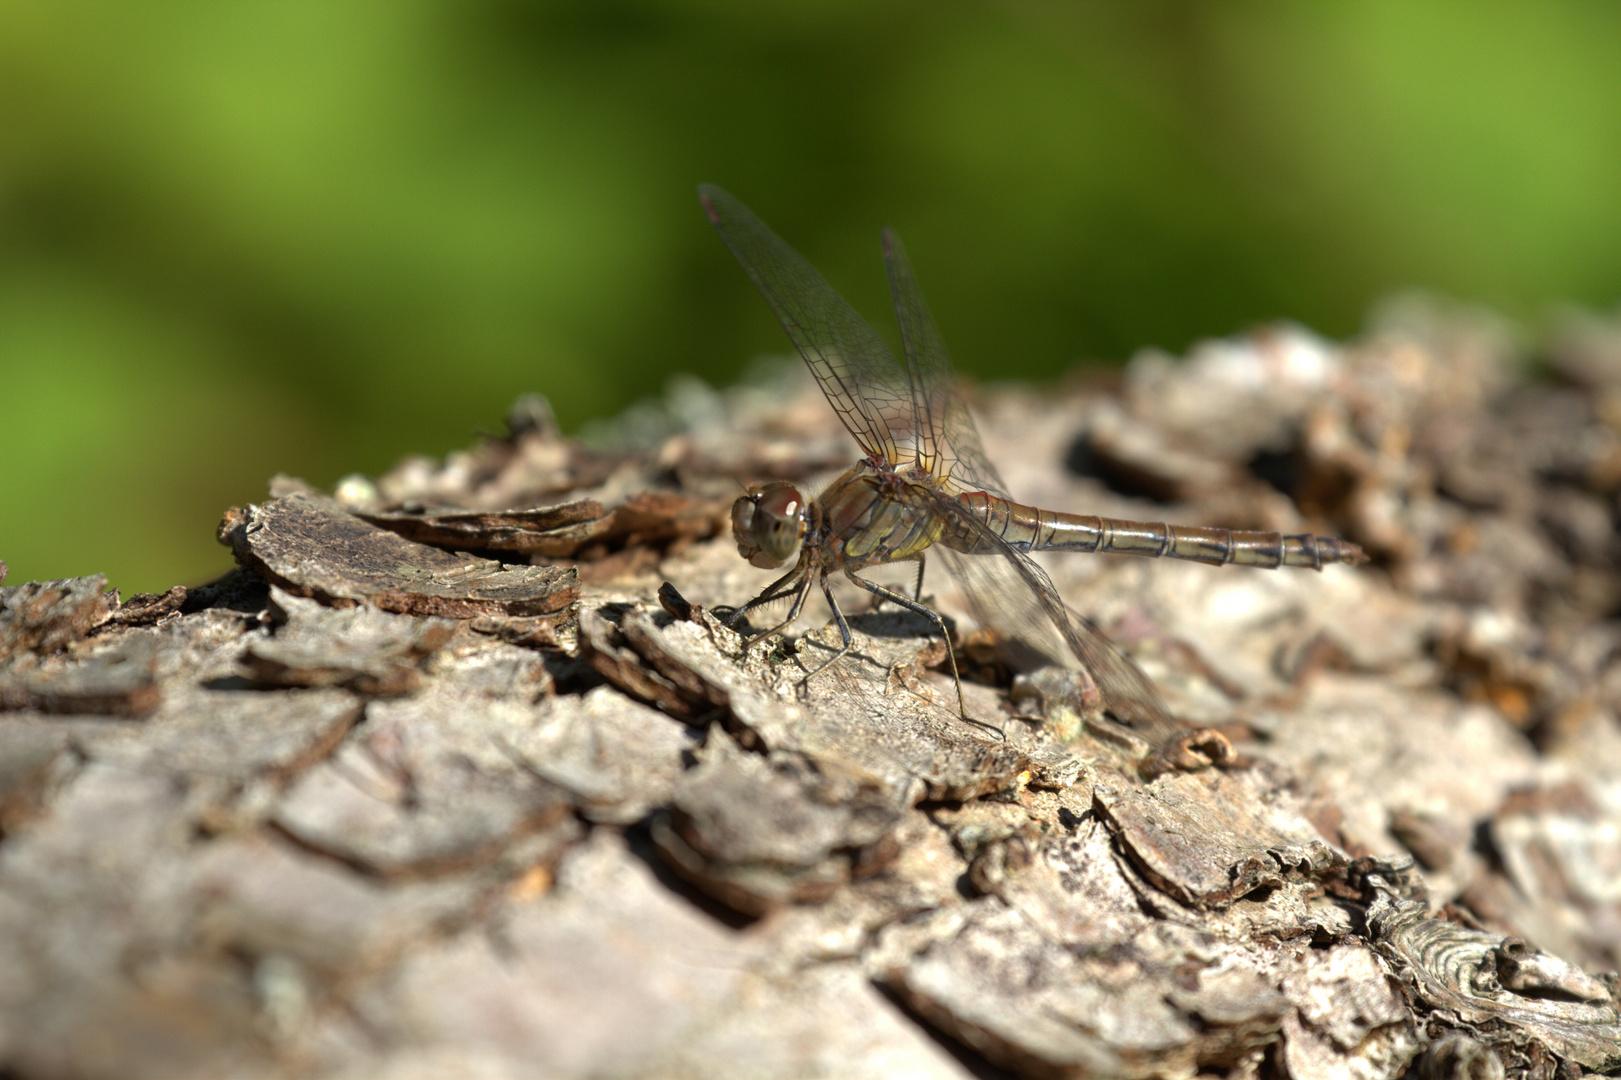 die kleine Libelle